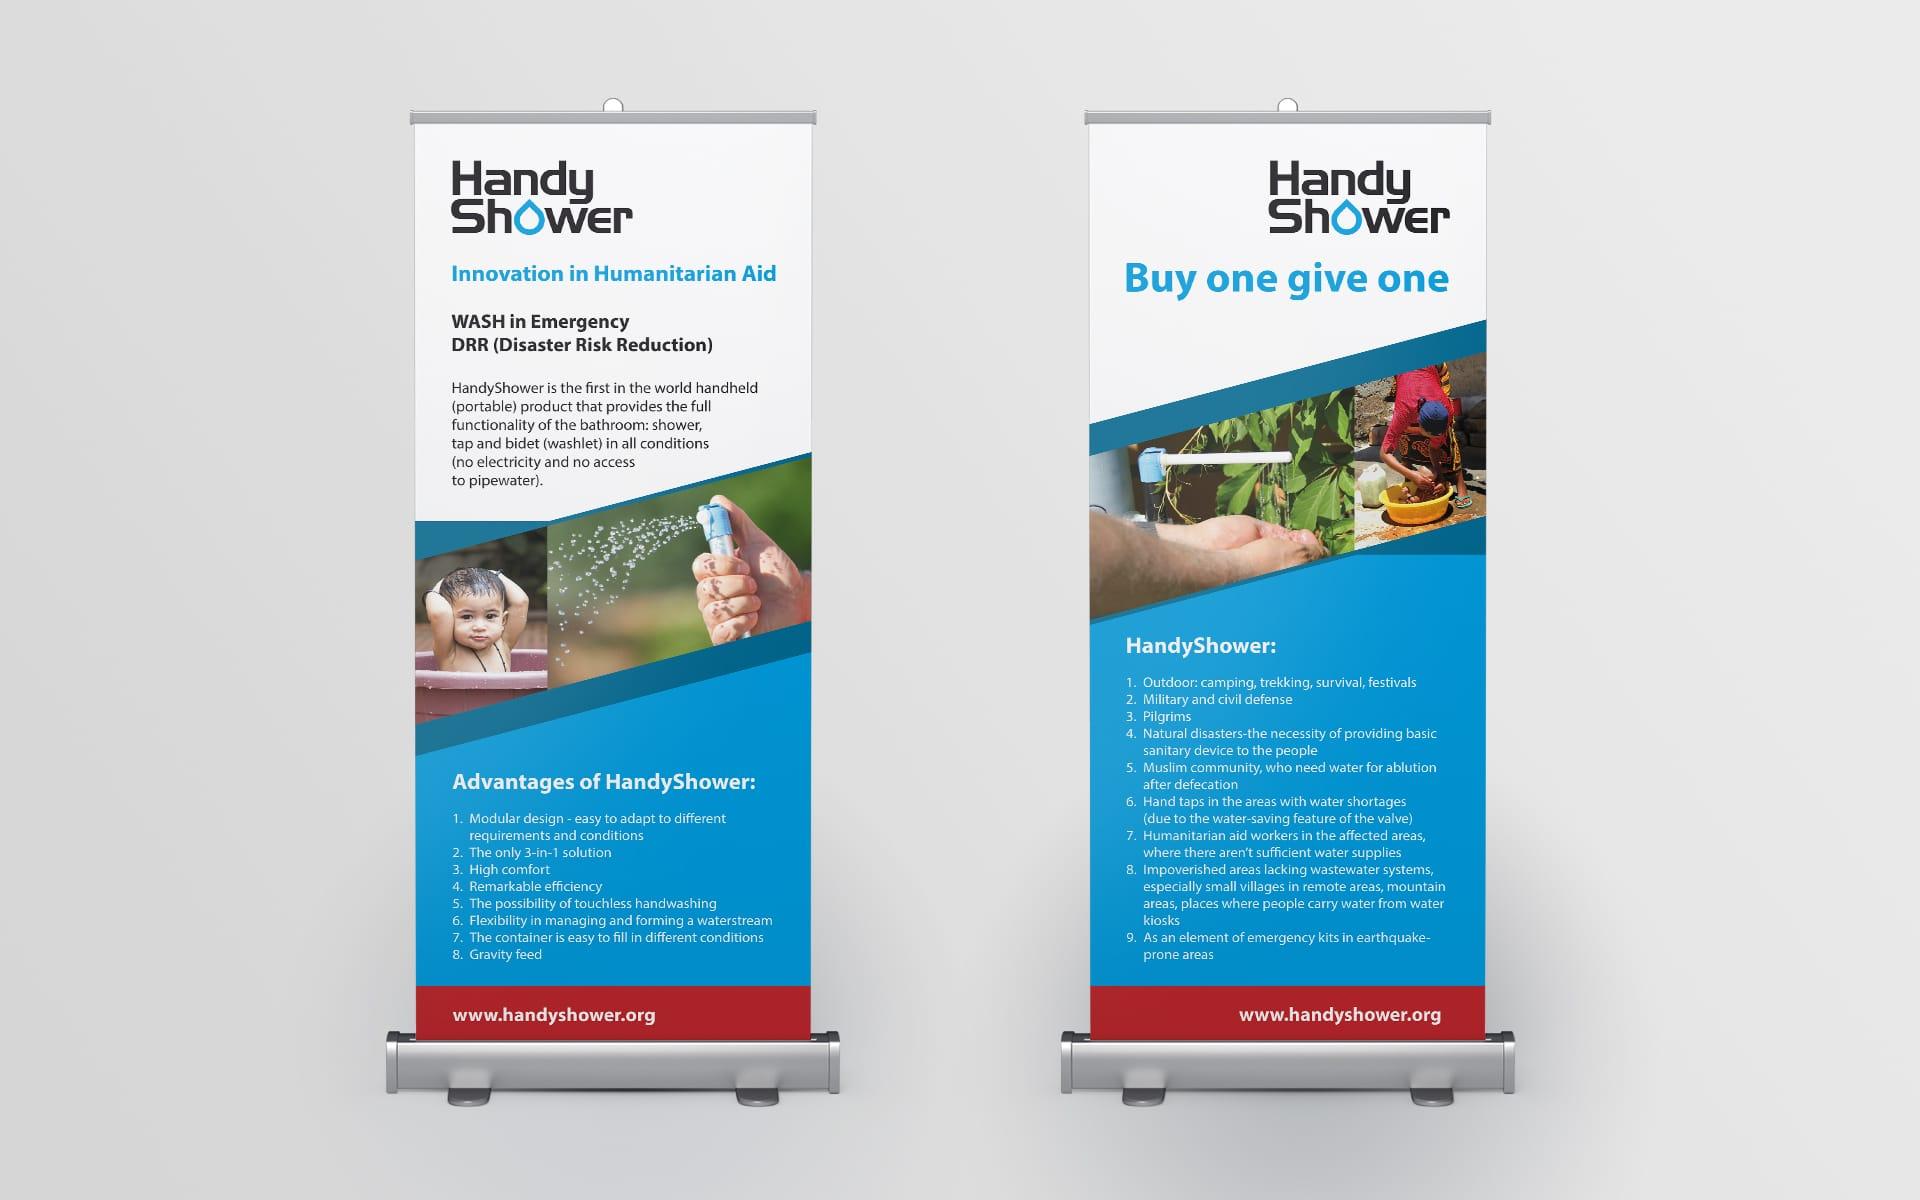 HandyShower logo firmowe rollupy reklamowe tagowe identyfikacja wizualna Agencja brandingowa Moweli Creative